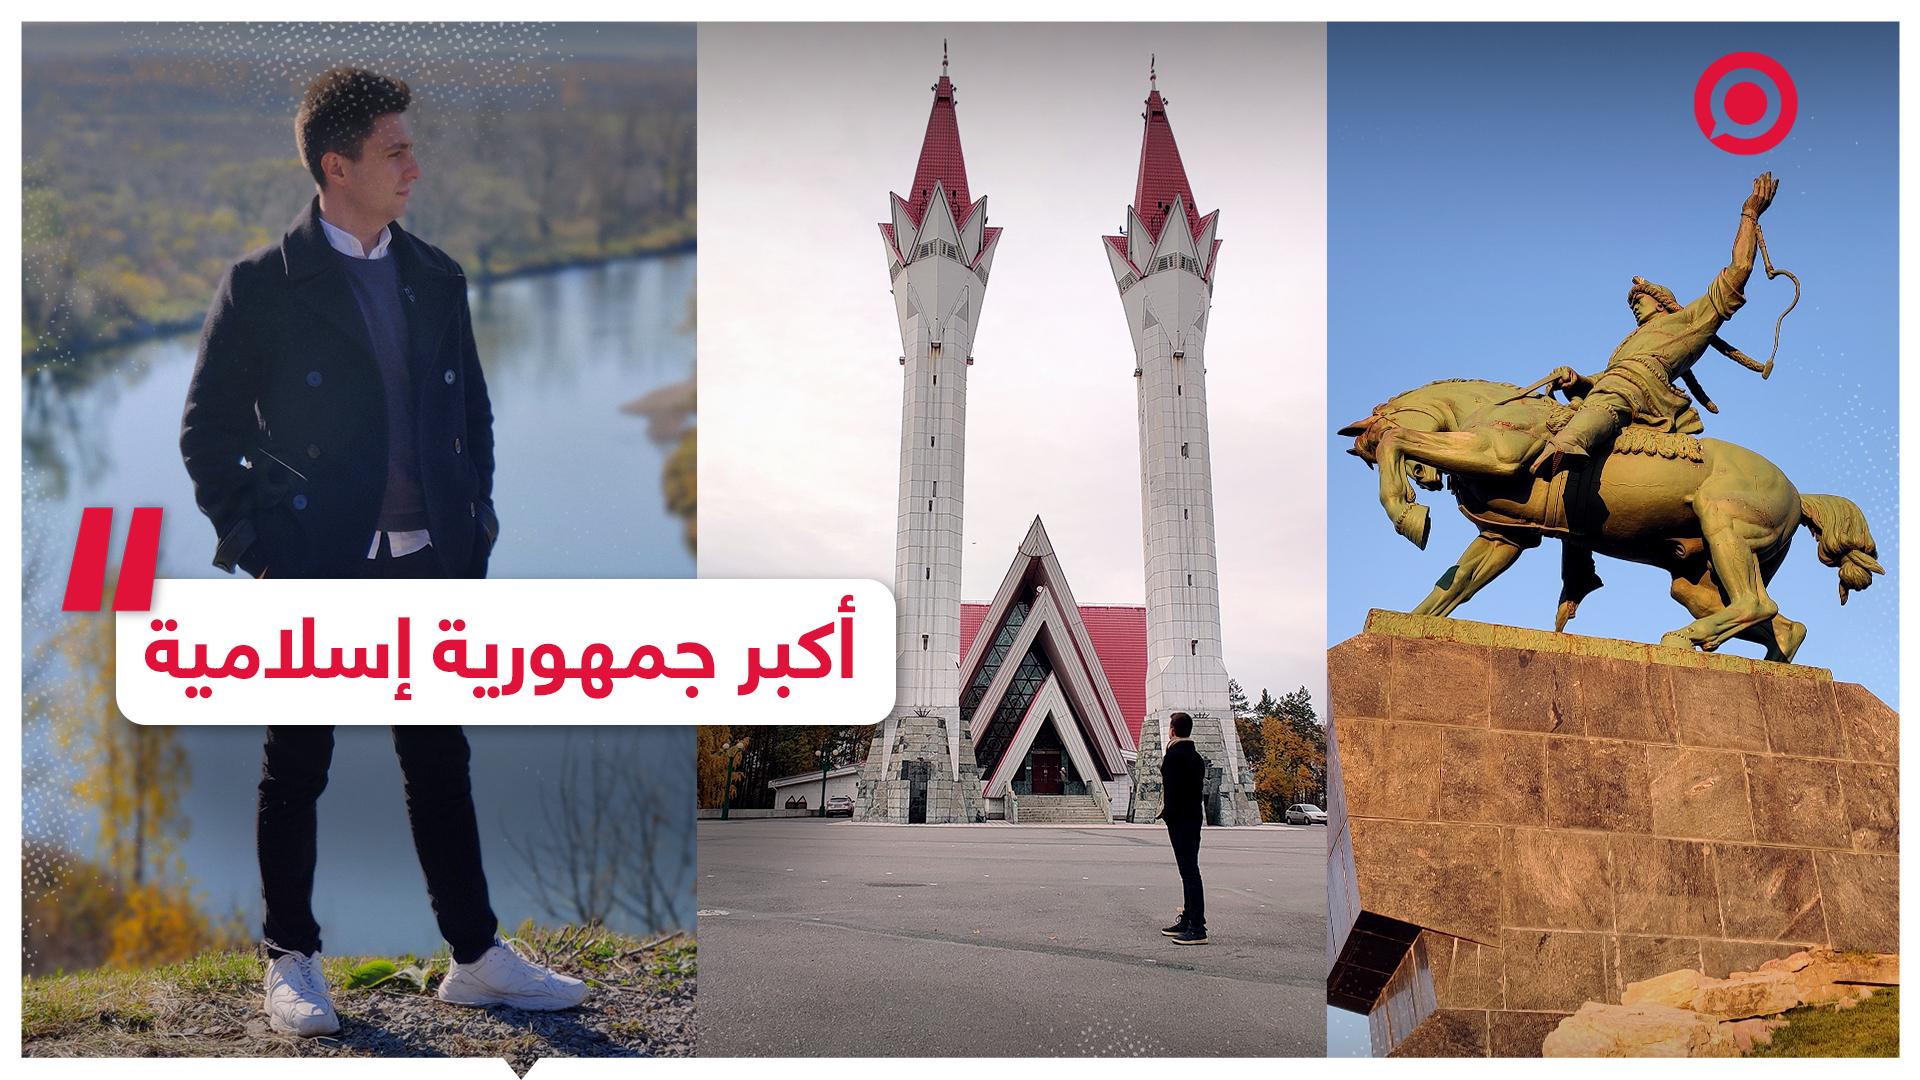 روسيا 360 - الإسلام والمسلمين في بشكورتستان